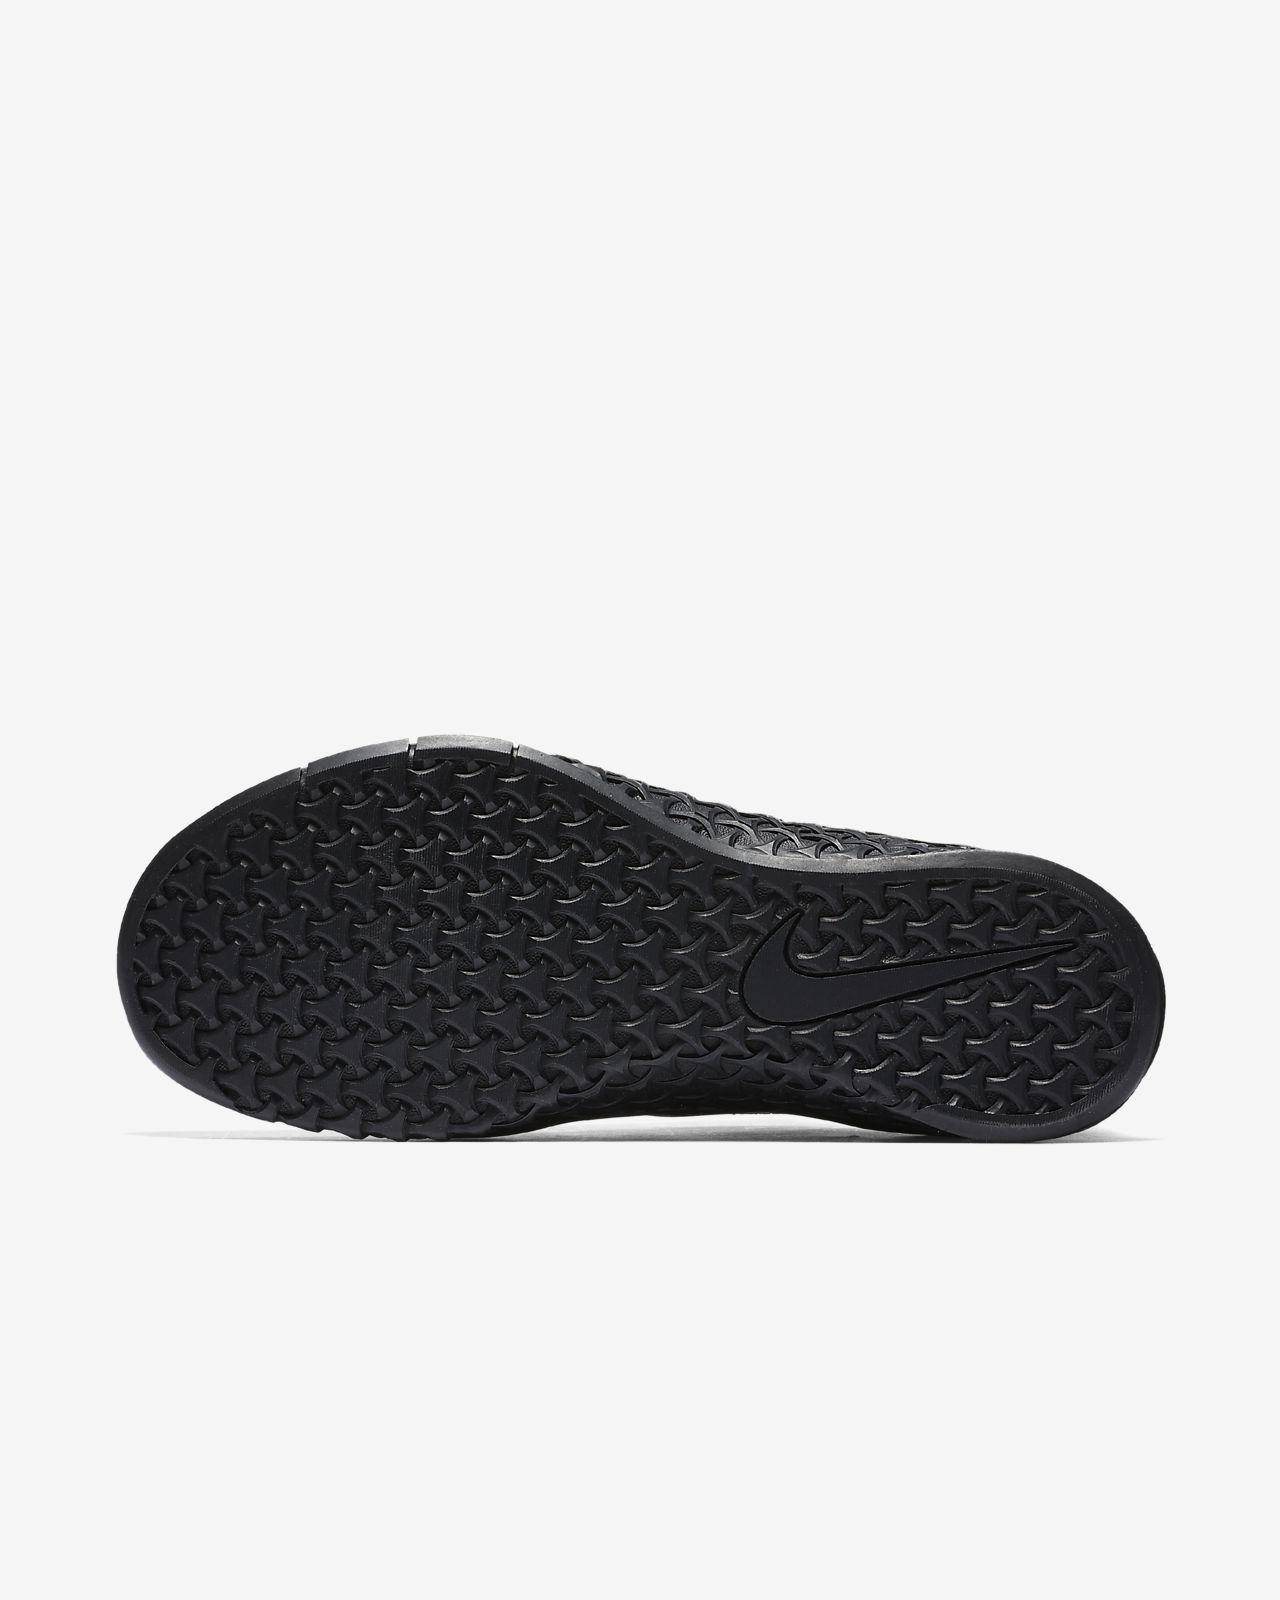 ... Nike Metcon 4 Selfie Women's Training Shoe